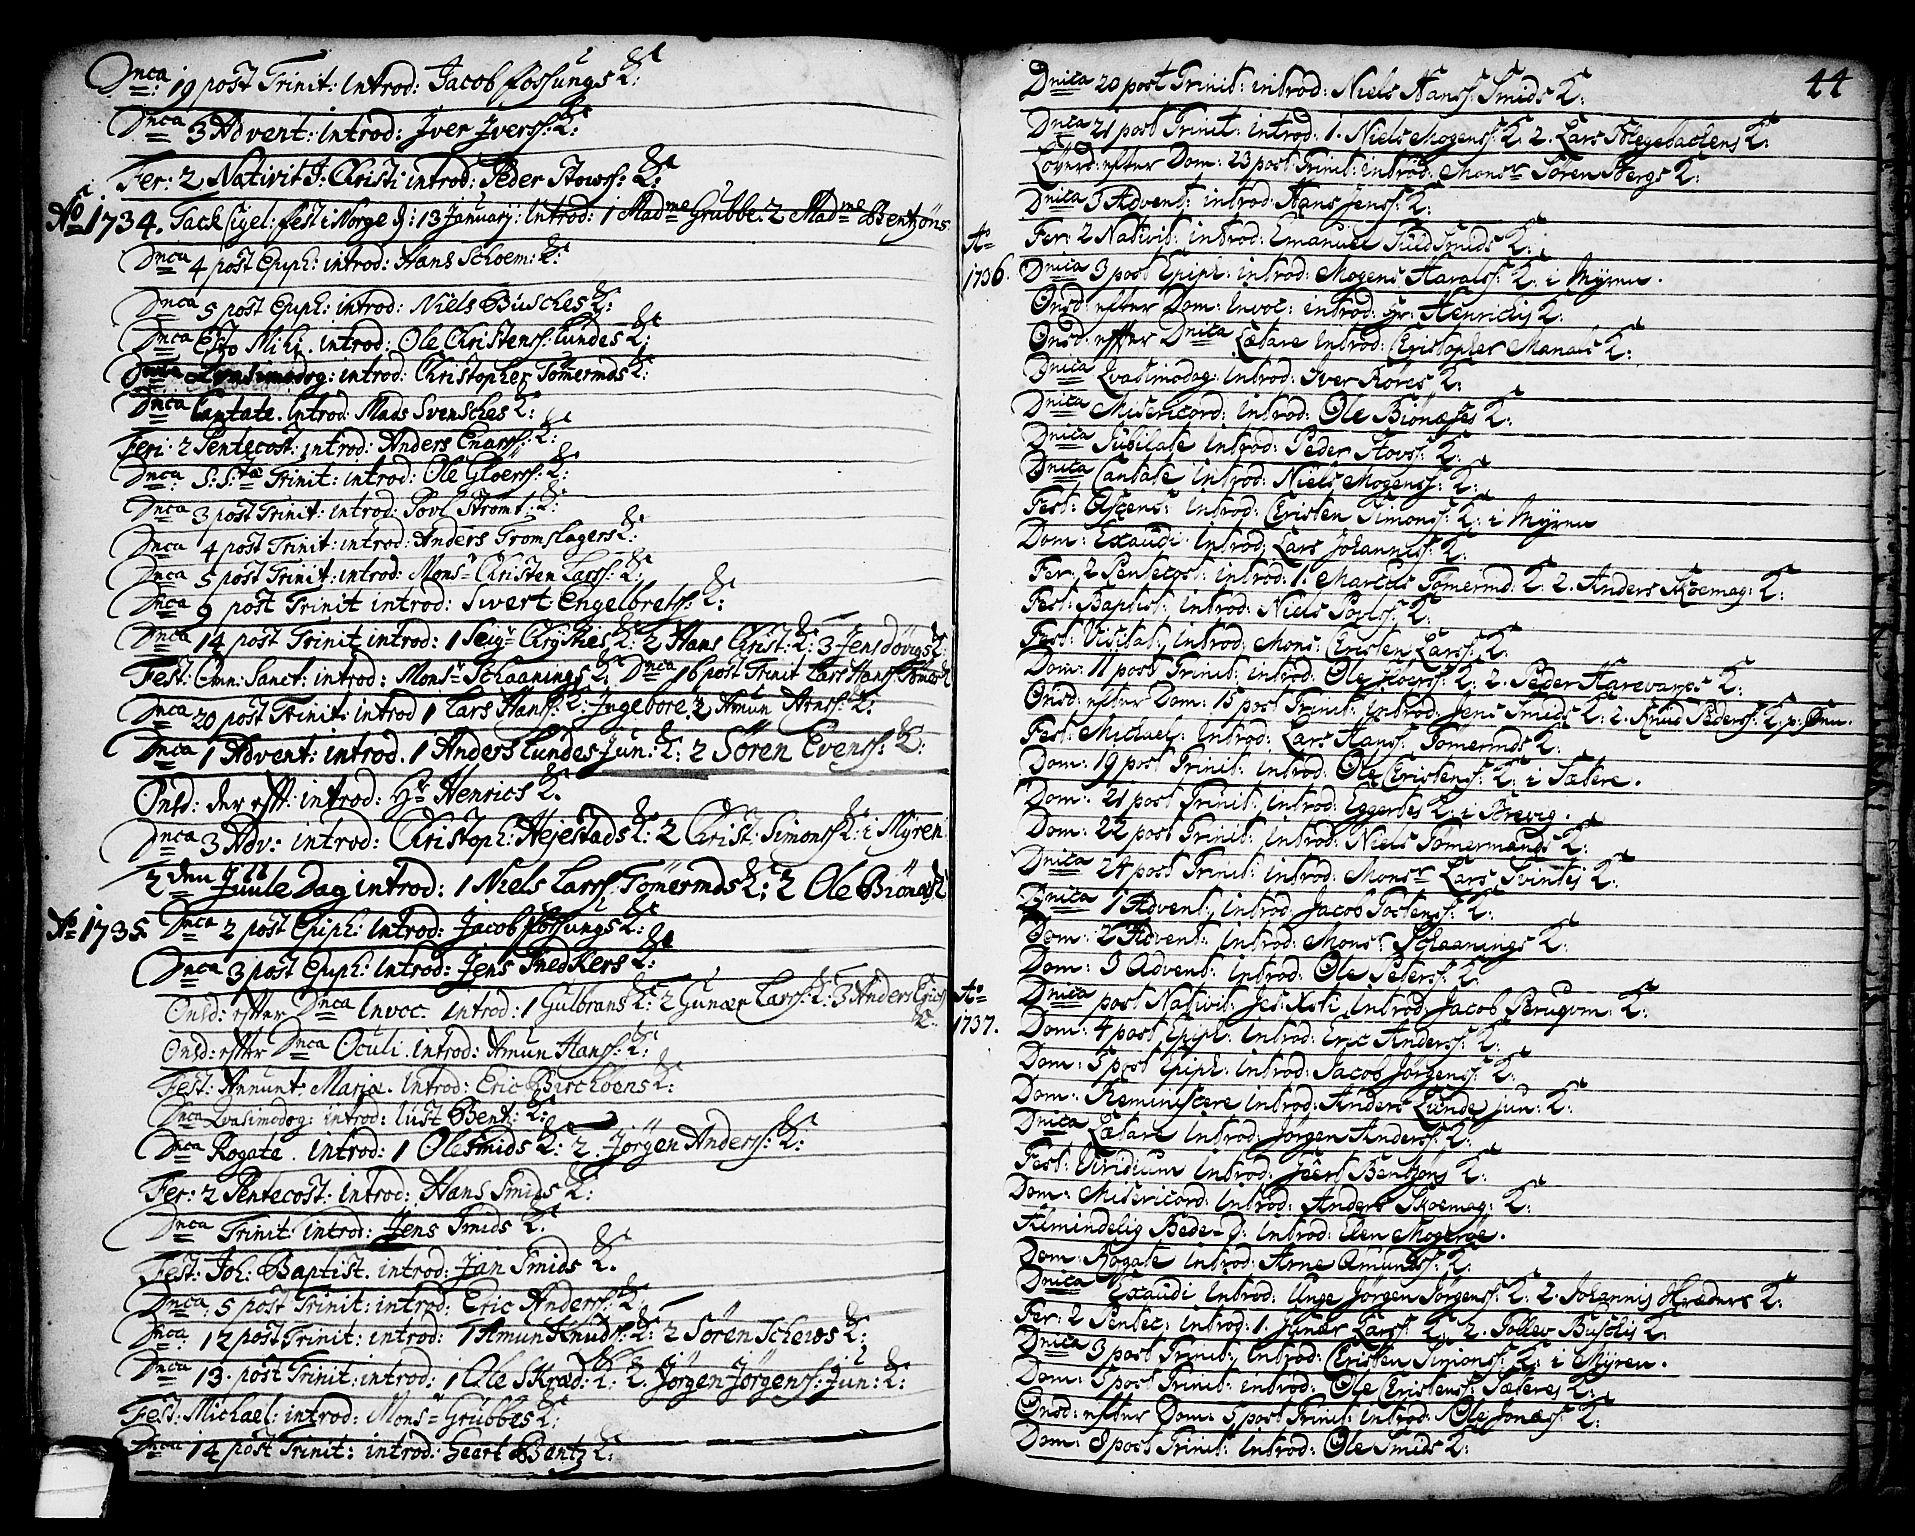 SAKO, Brevik kirkebøker, F/Fa/L0002: Ministerialbok nr. 2, 1720-1764, s. 44